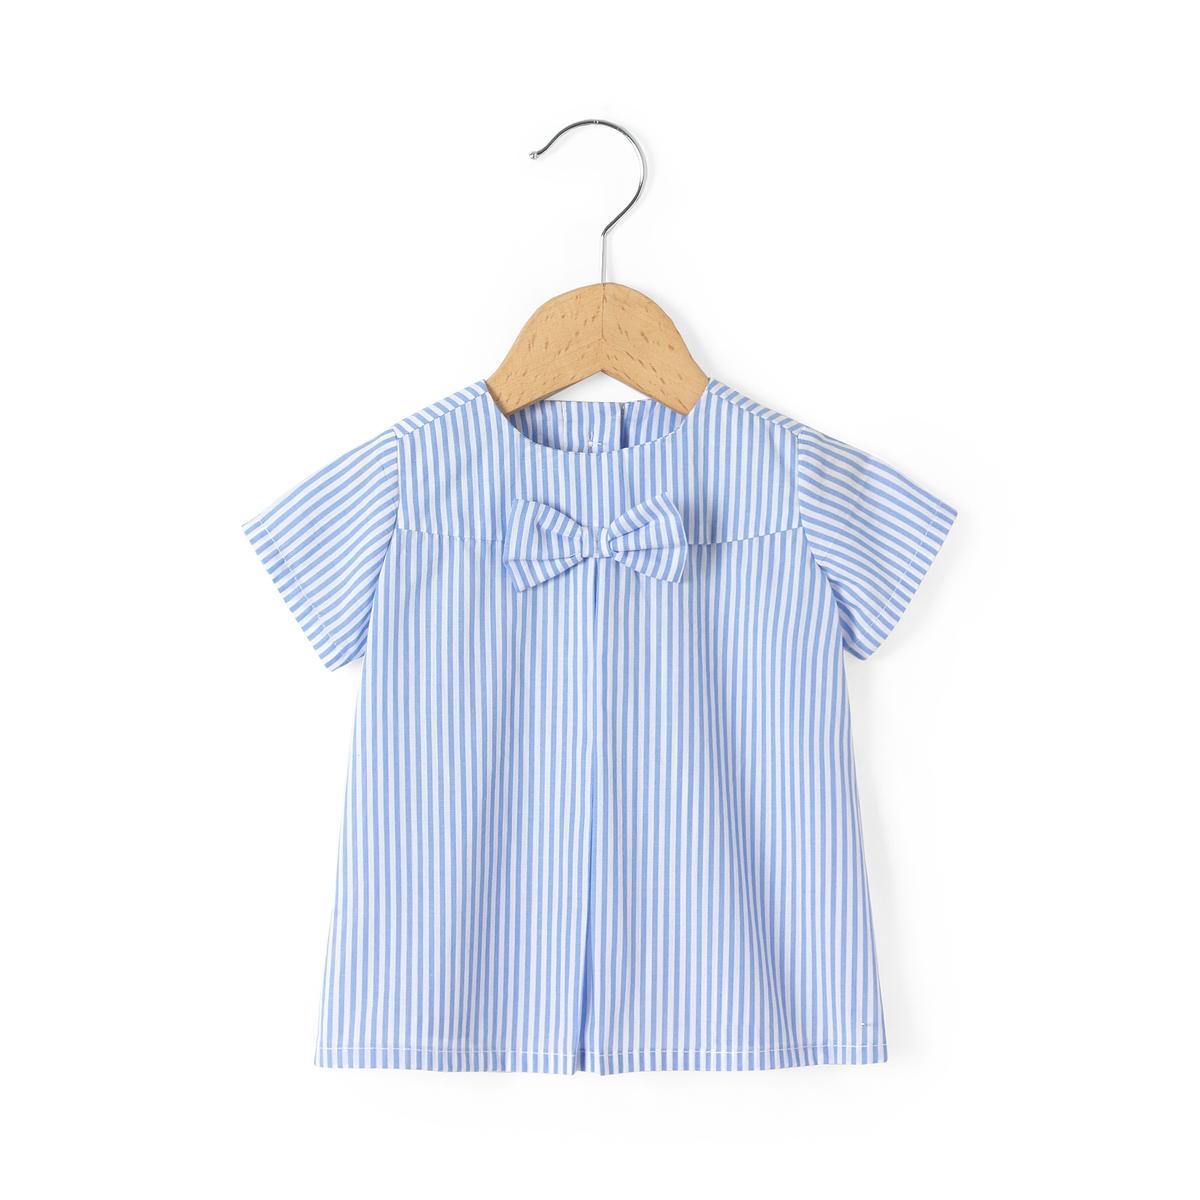 Блузка в полоску с короткими рукавами, 1 мес. - 3 года